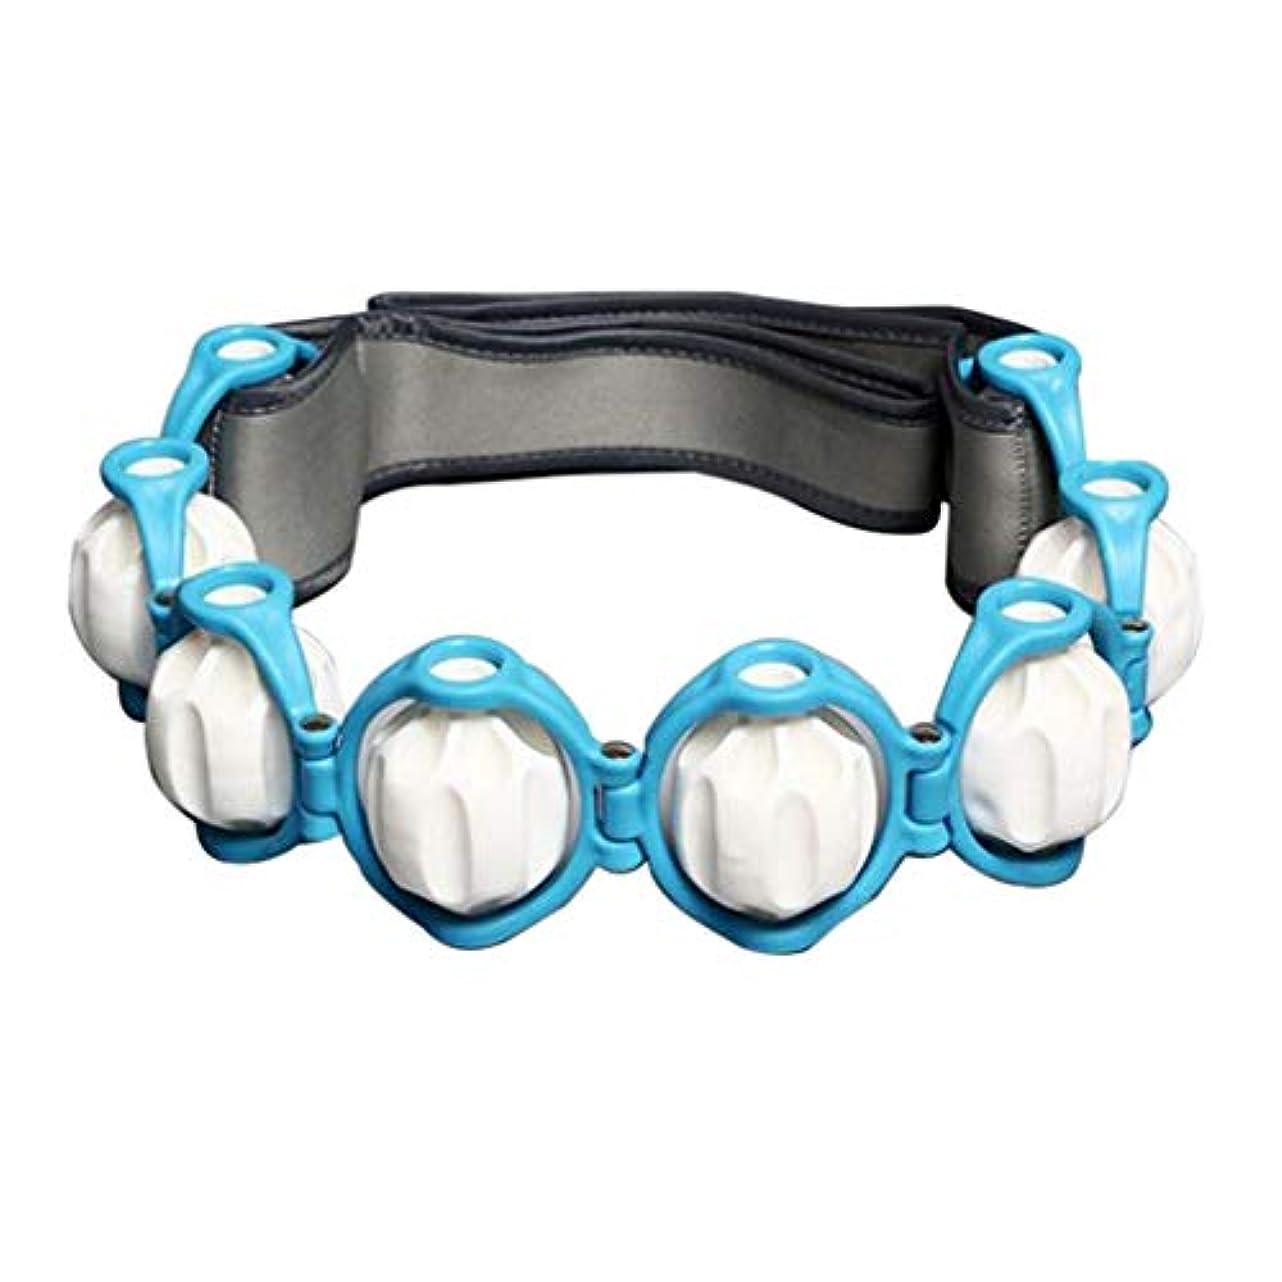 封建資金バルクHellery フルボディ - 多機能 - 痛みを軽減するためのハンドヘルドマッサージローラーロープ - 青, 説明したように